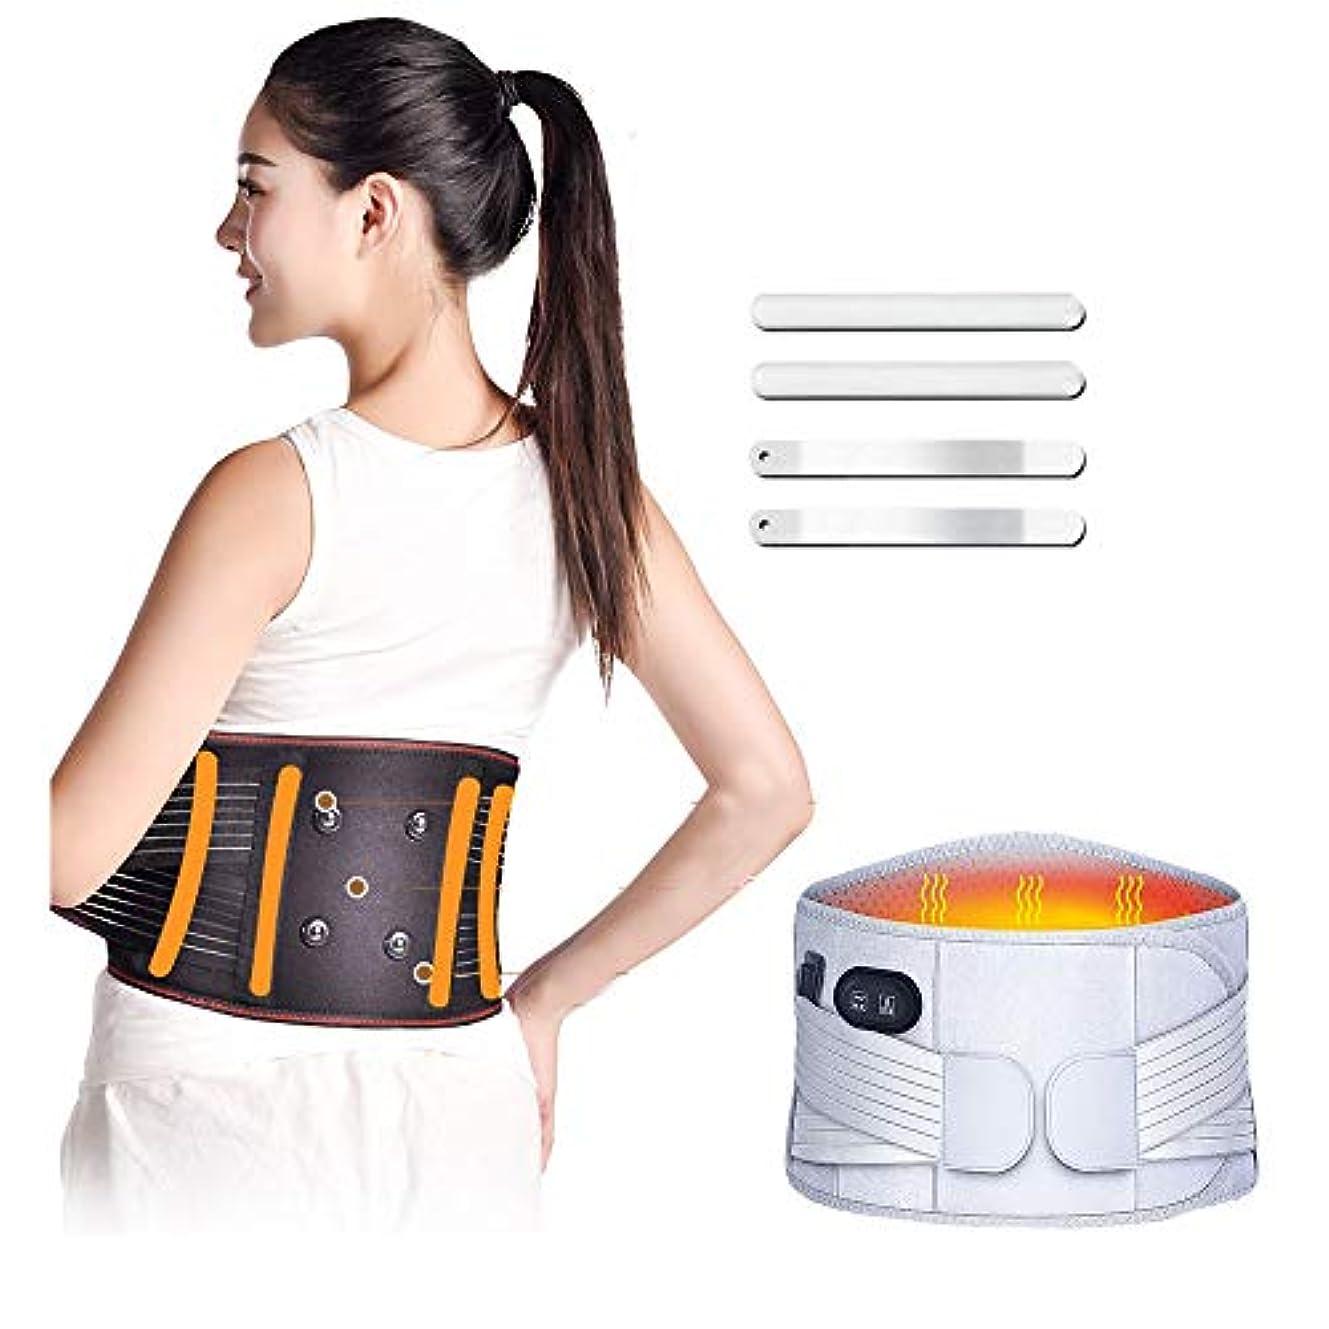 背中サポート暖かいベルト/腰背部温熱療法コート/マッサージ暖かいベルト、腹痛とストレスを和らげる